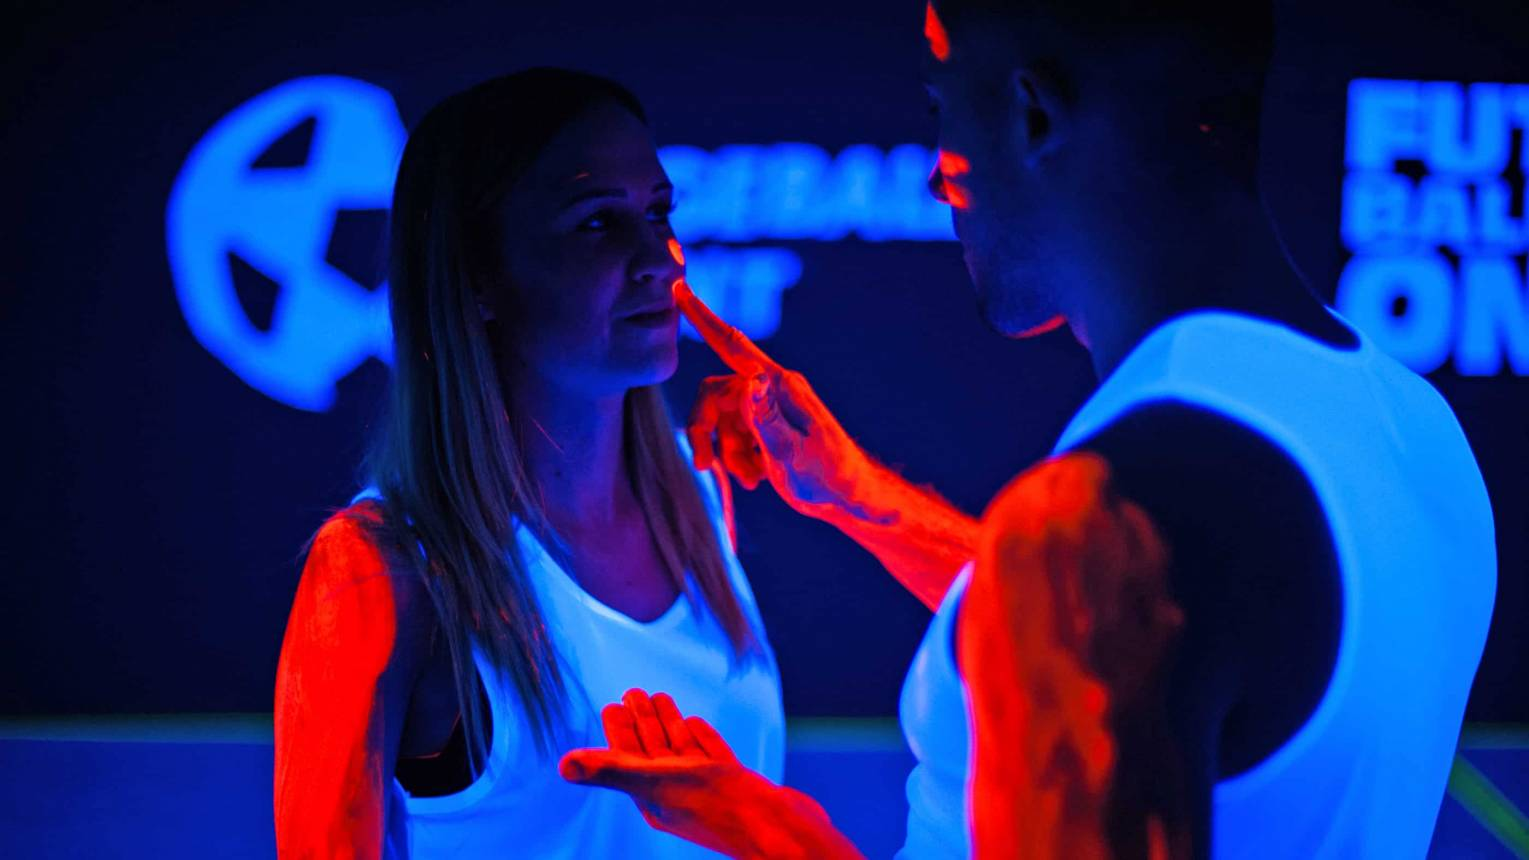 EXTRA Buborékfoci UV fényben világító játékosokkal